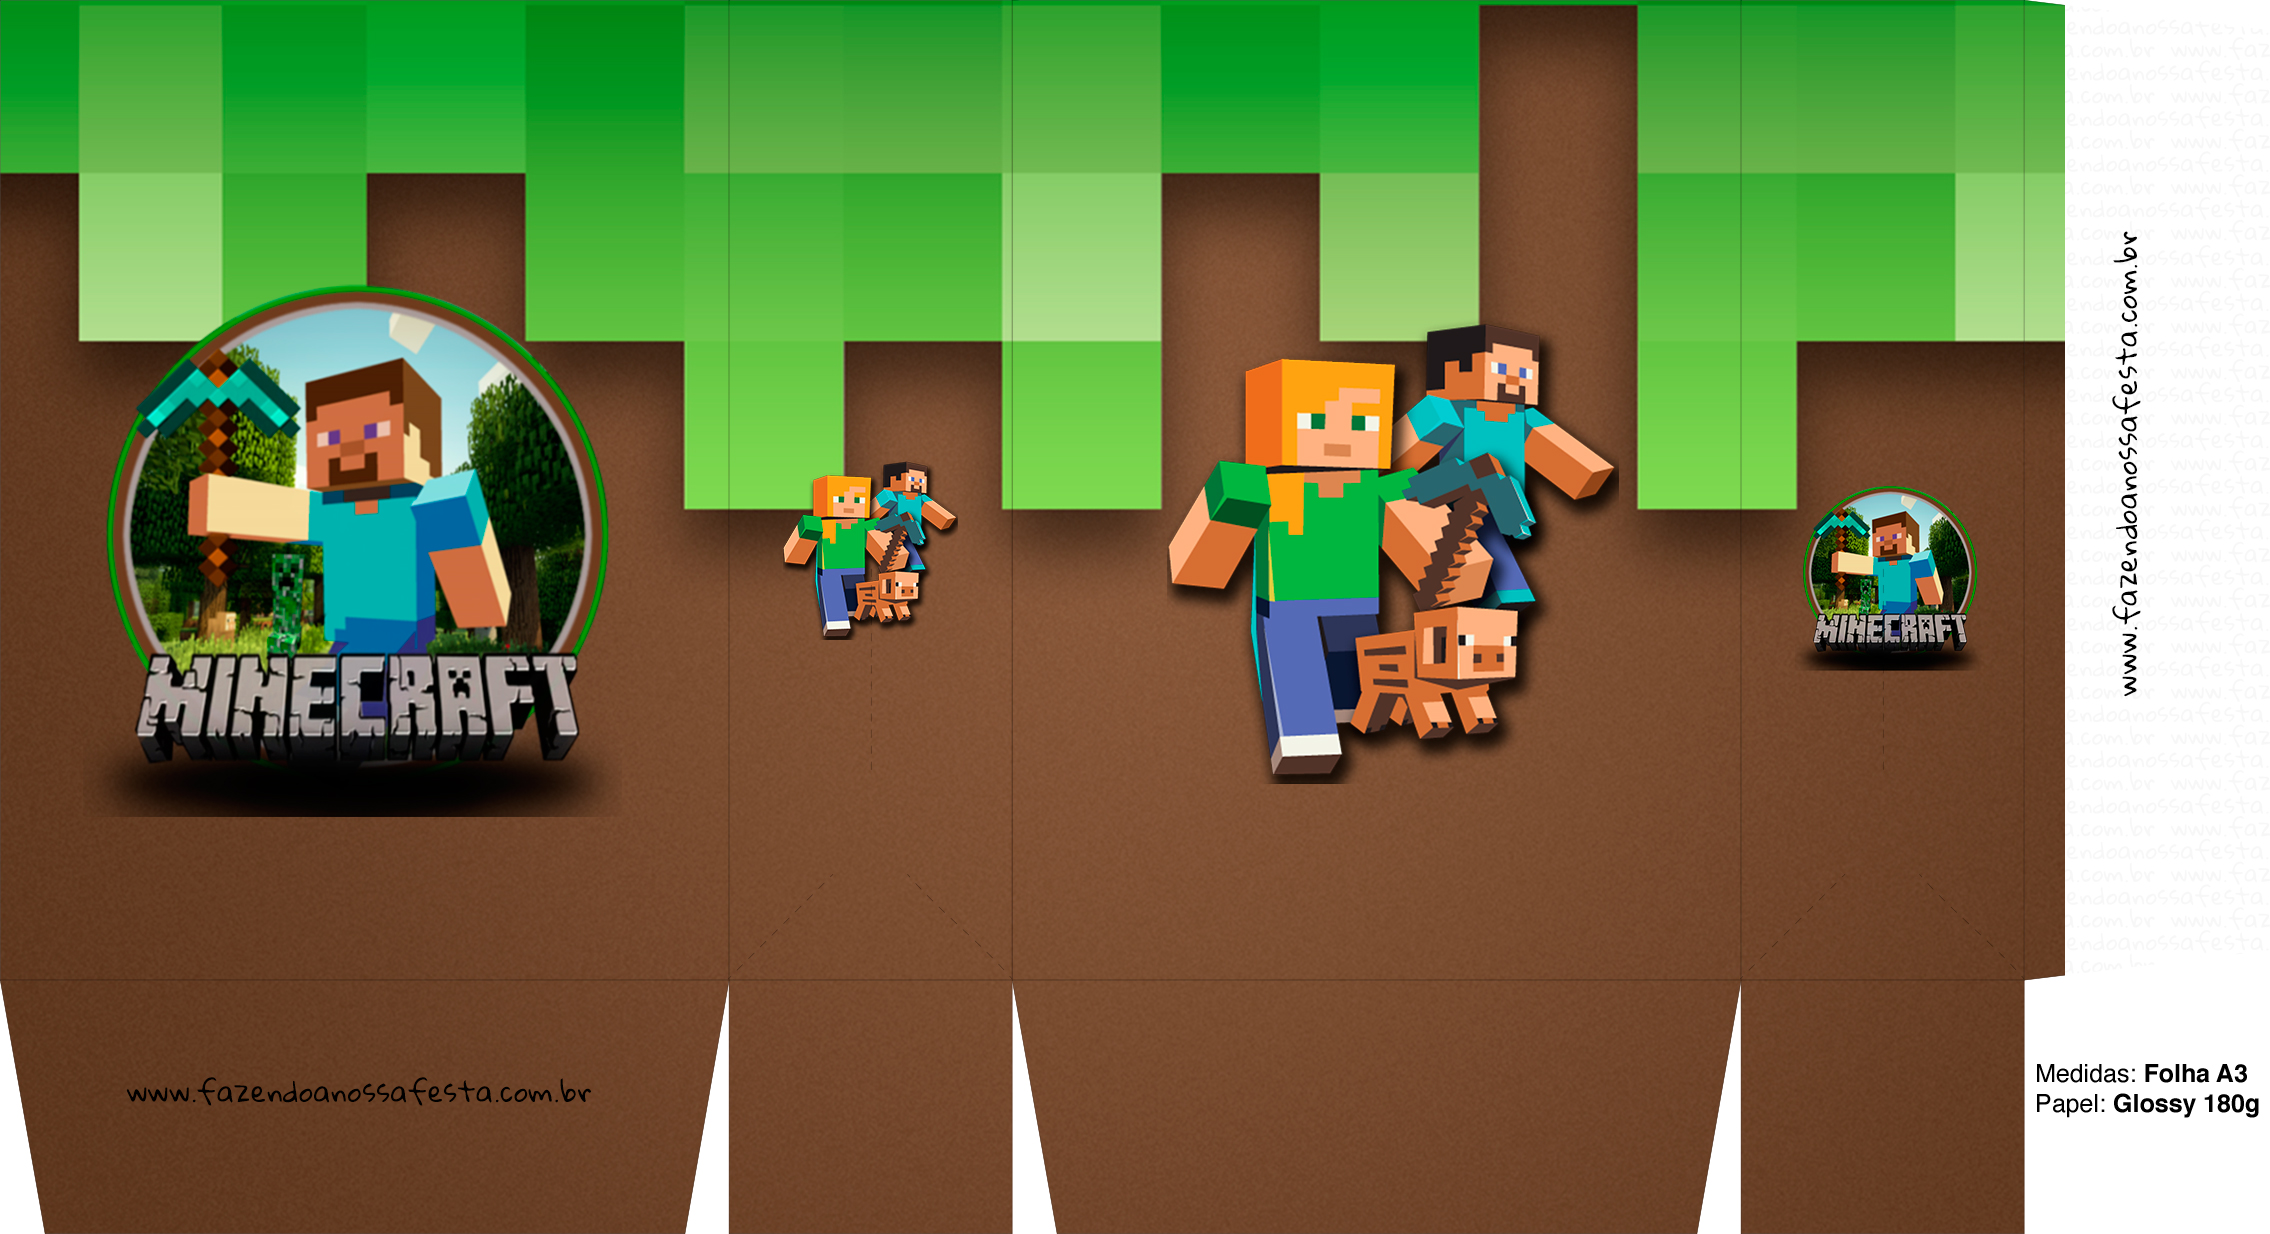 Letras Minegraft Fazendo A Nossa Festa: Sacolinha Surpresa Minecraft A3 5